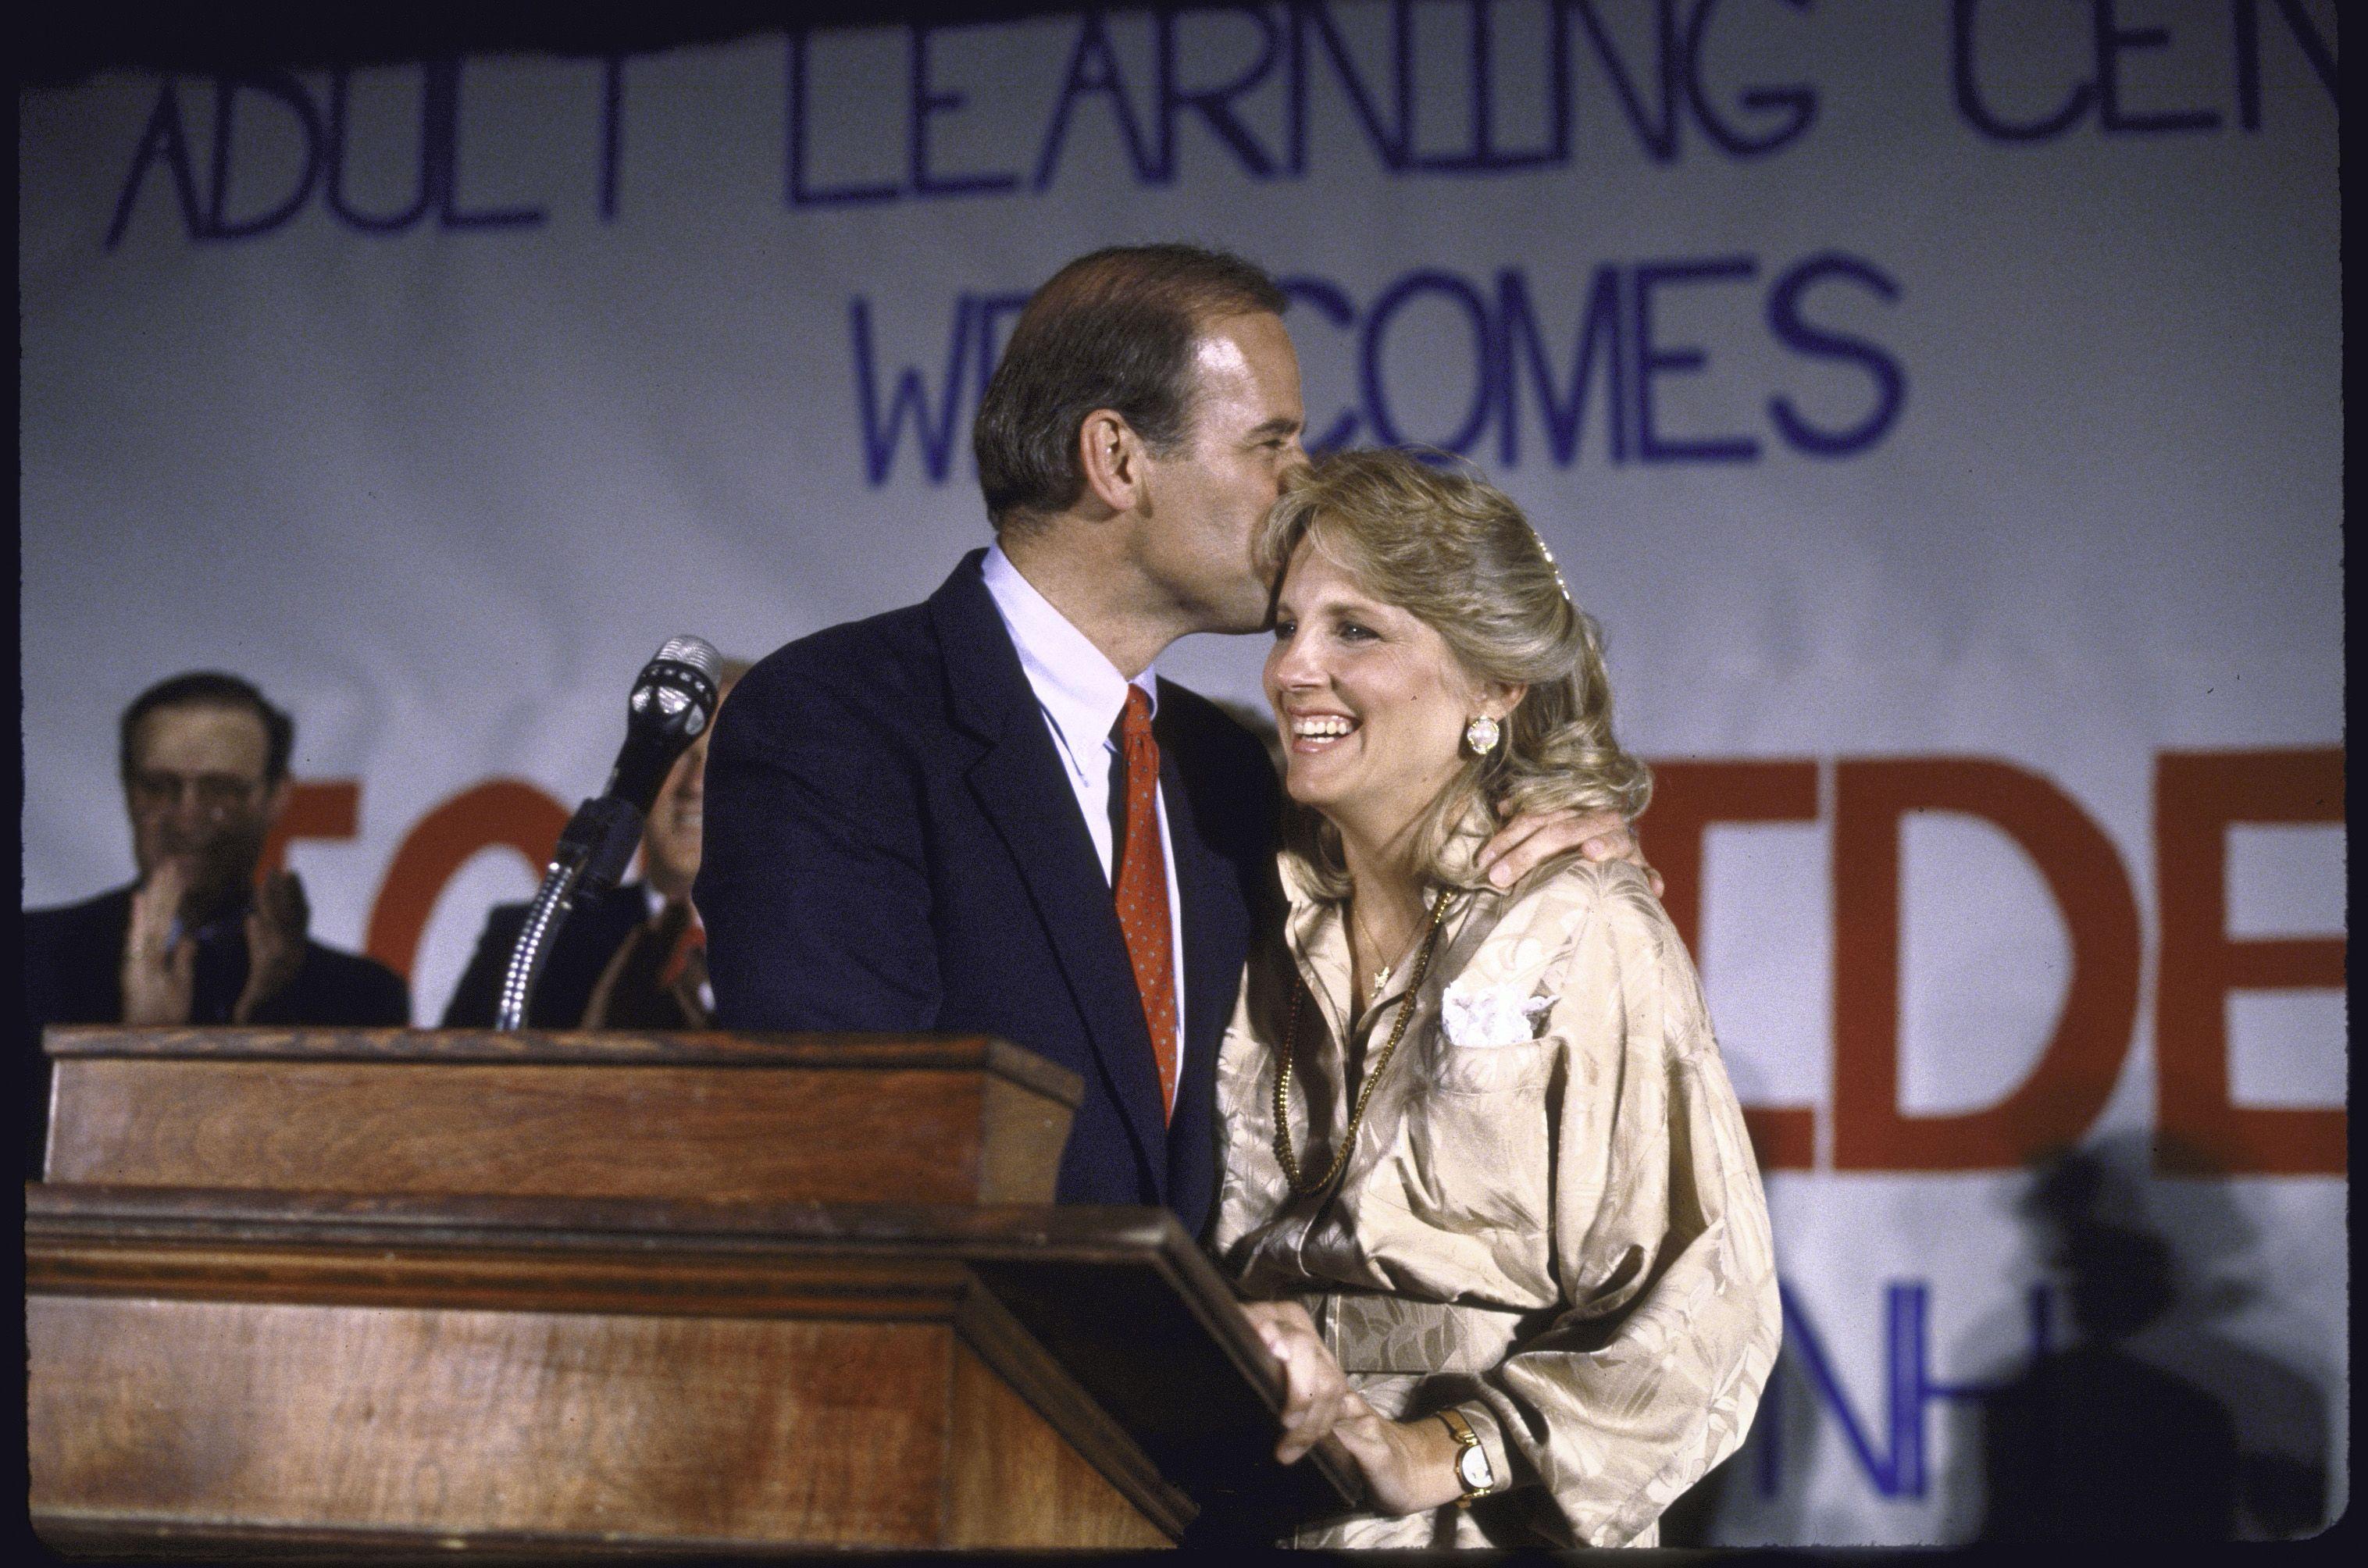 Joe Biden and Jill Biden's First Date - How Joe & Jill Biden Met